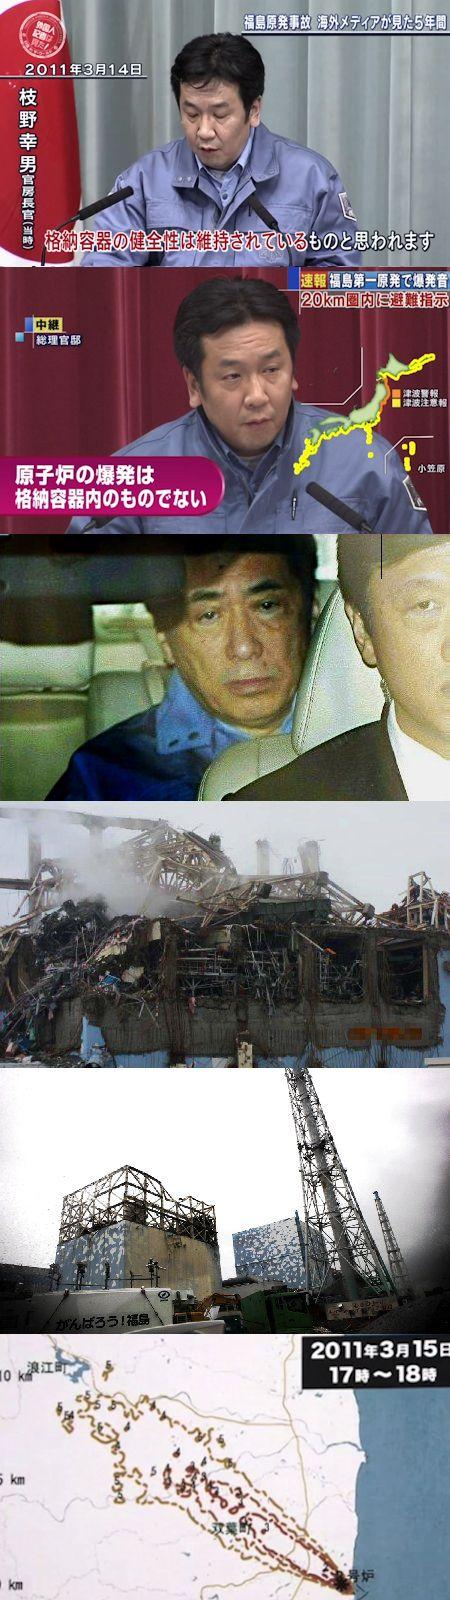 NEWS23の福島原発事故特集 - 記憶風化装置としてのマスコミ報道_c0315619_18384170.jpg